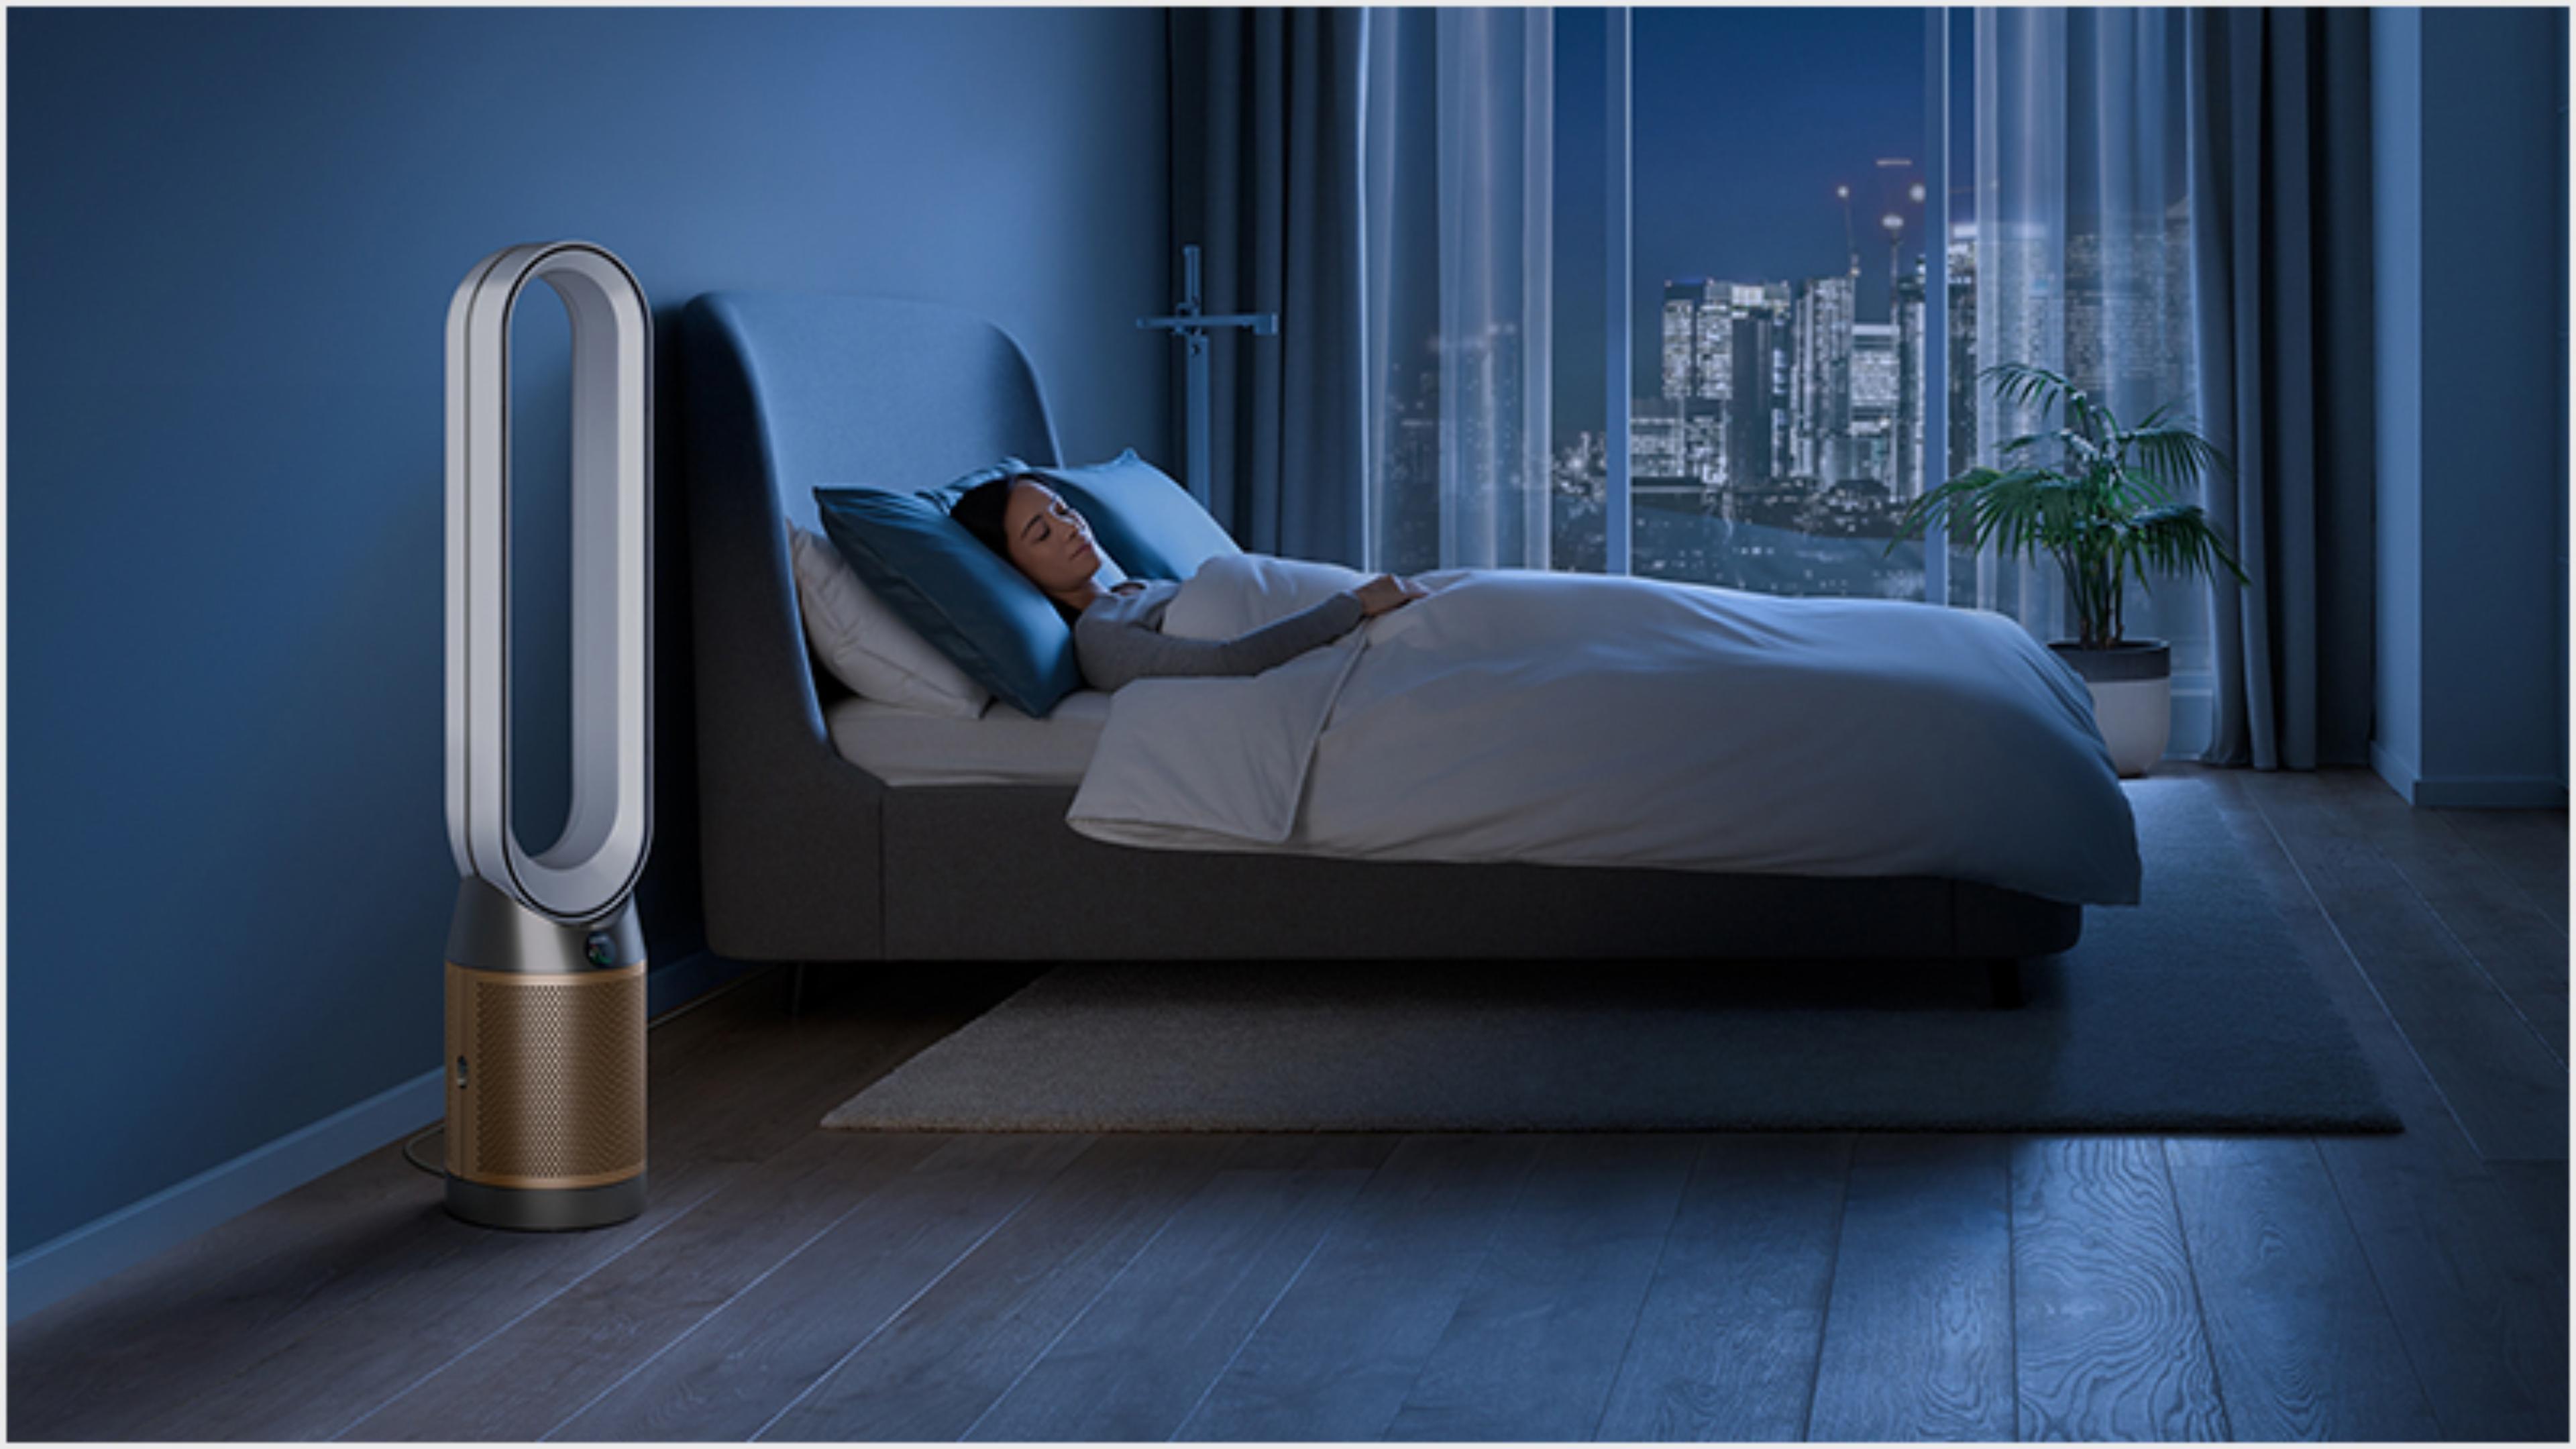 Oczyszczacz Dyson w ciemnej sypialni z osobą spokojnie śpiącą